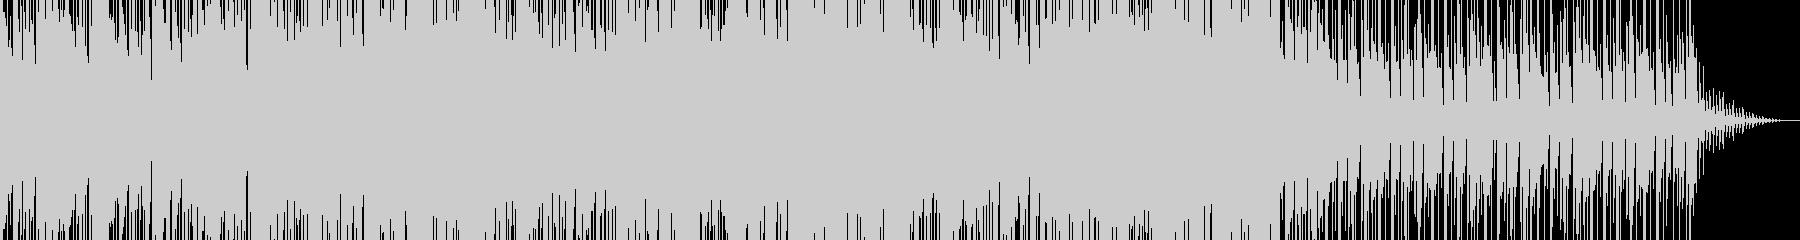 ポップ テクノ アクティブ 明るい...の未再生の波形